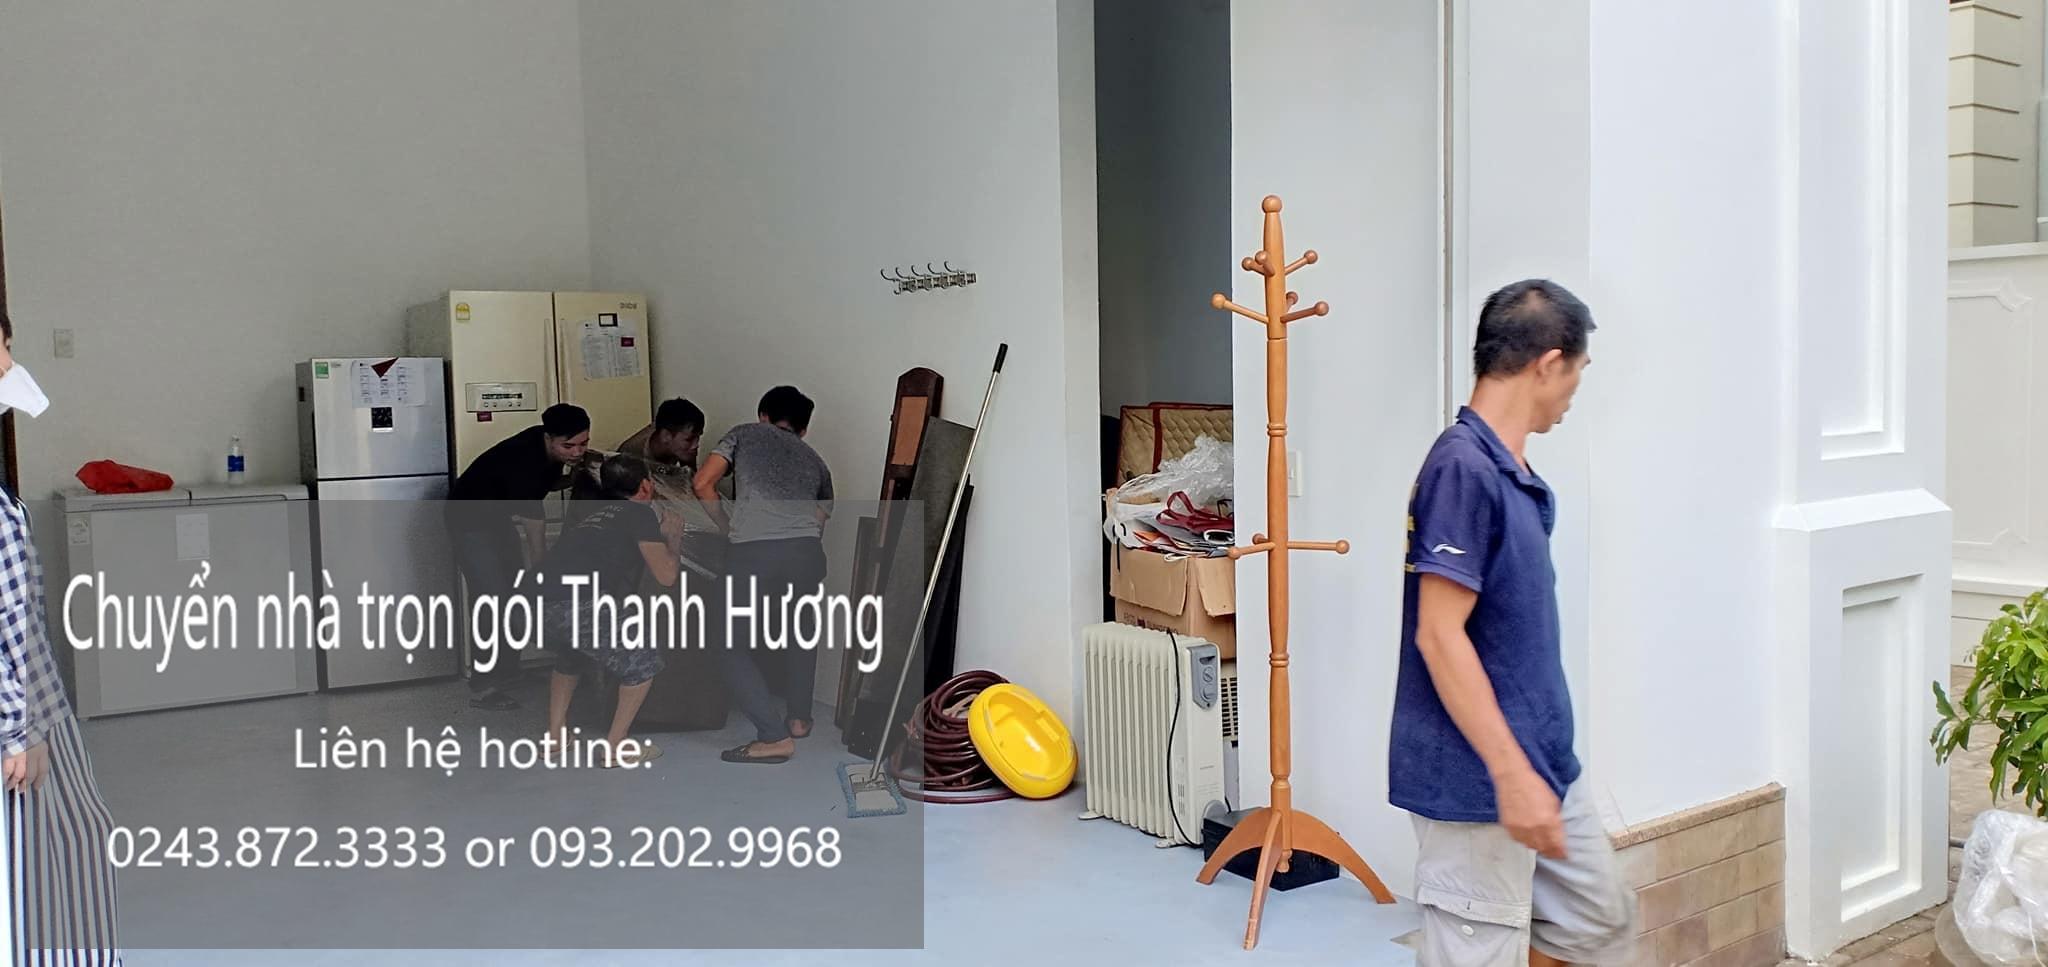 Chuyển nhà trọn gói từ Hà Nội đi Nam Định